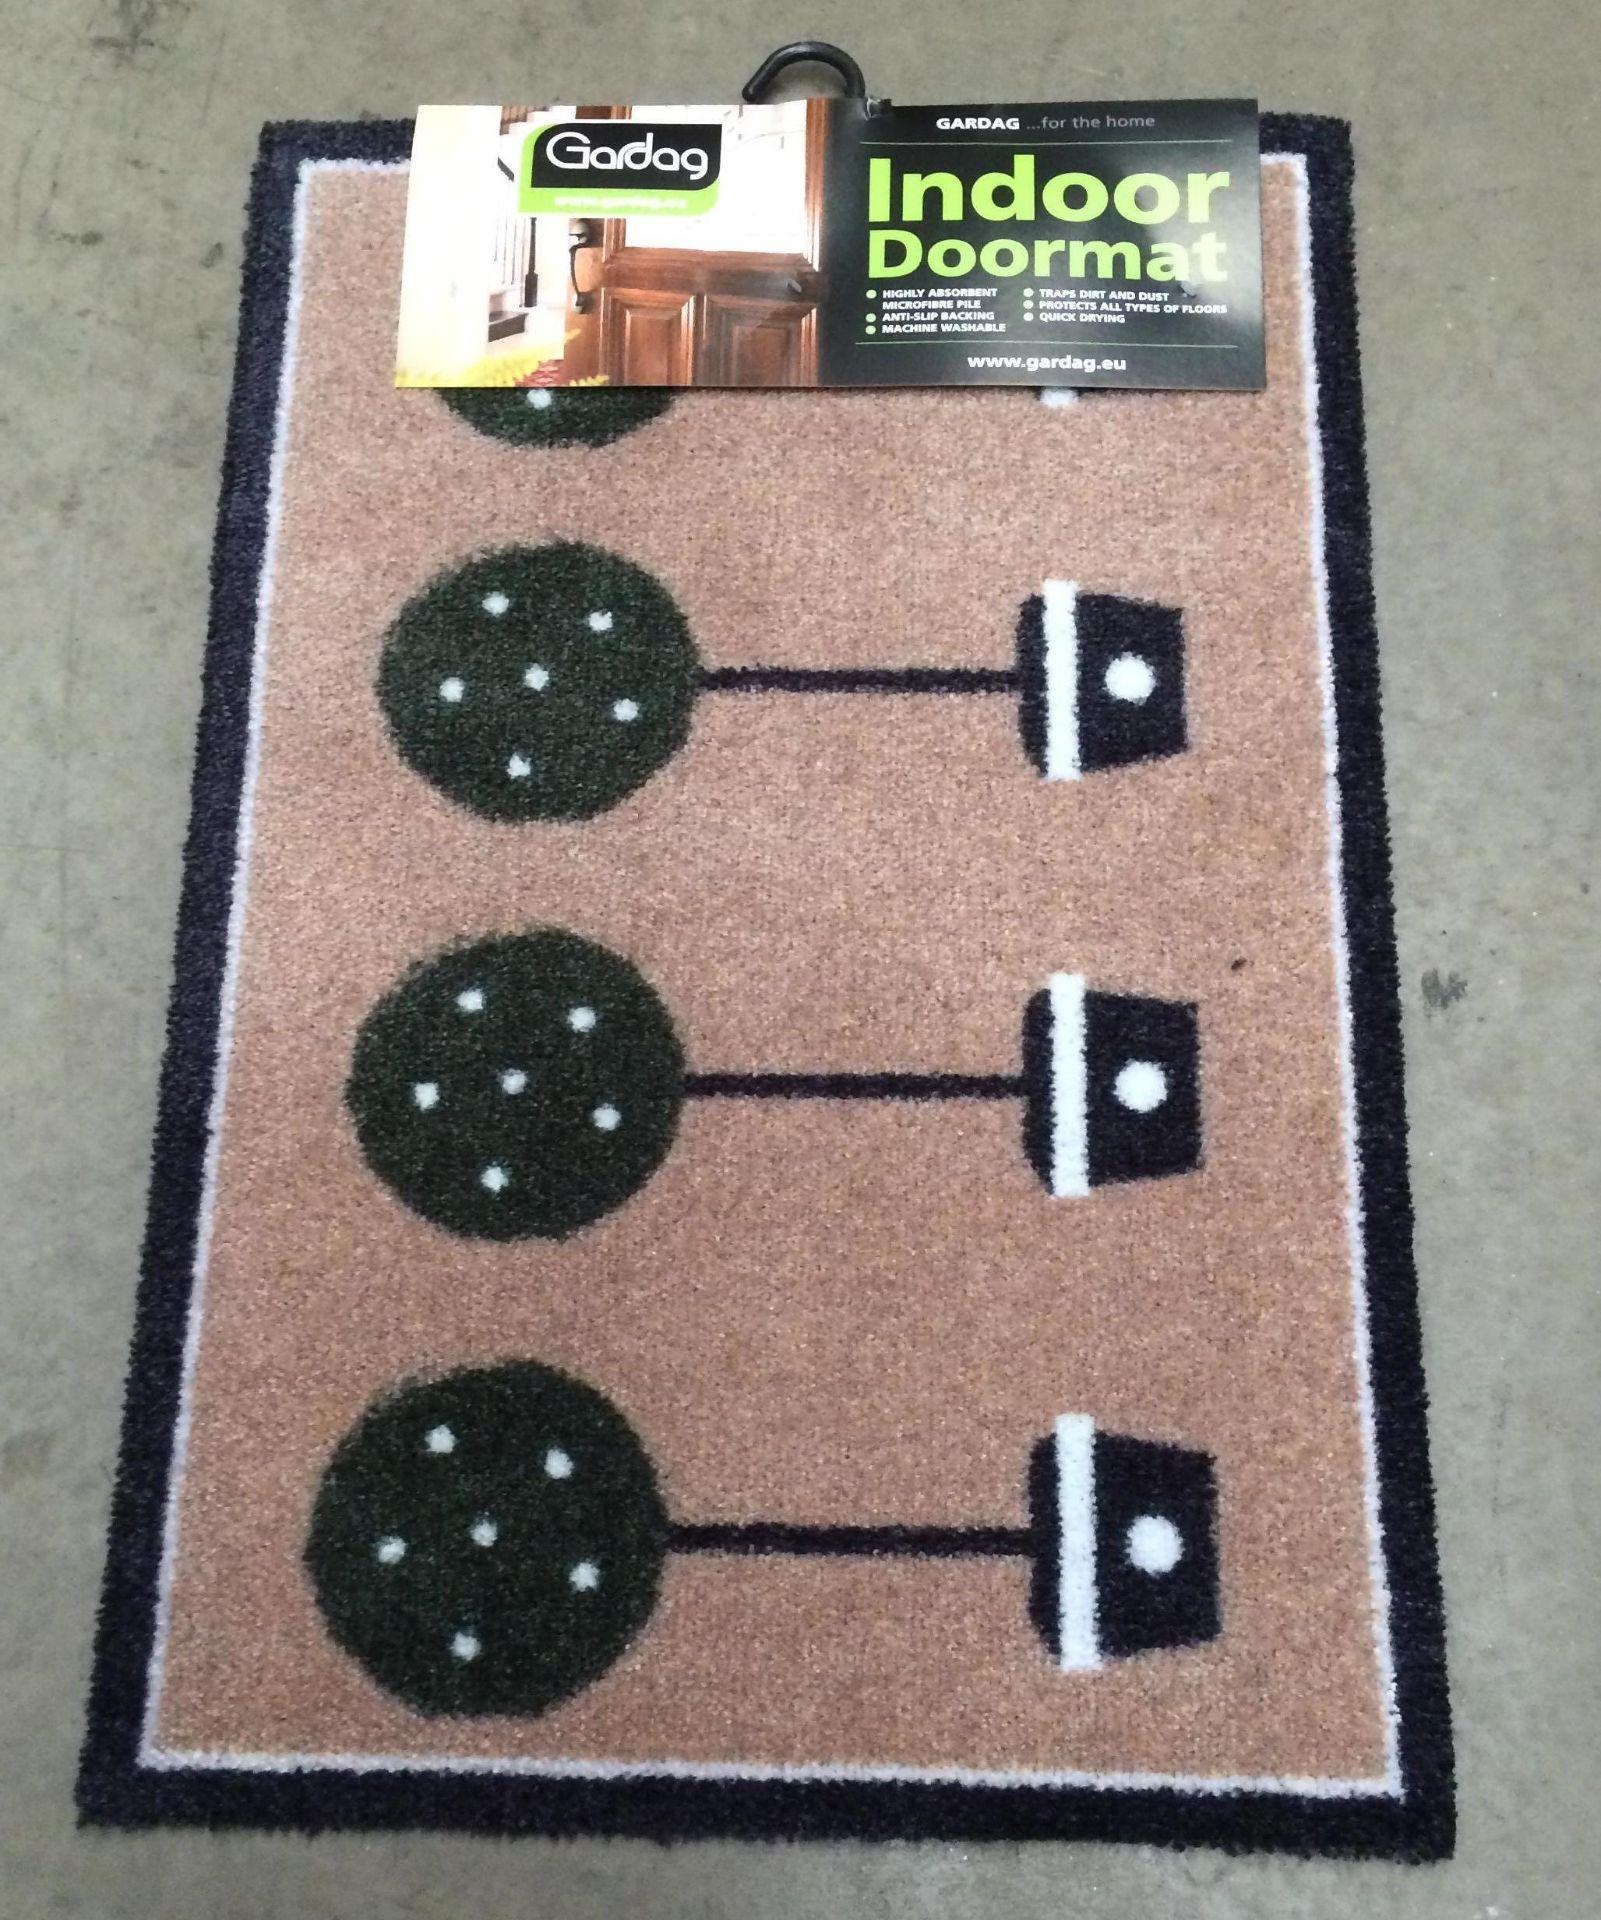 Lot 6 - 6 x Gardag Eco Flex designer topiary indoor door mats each 50 x 75cm